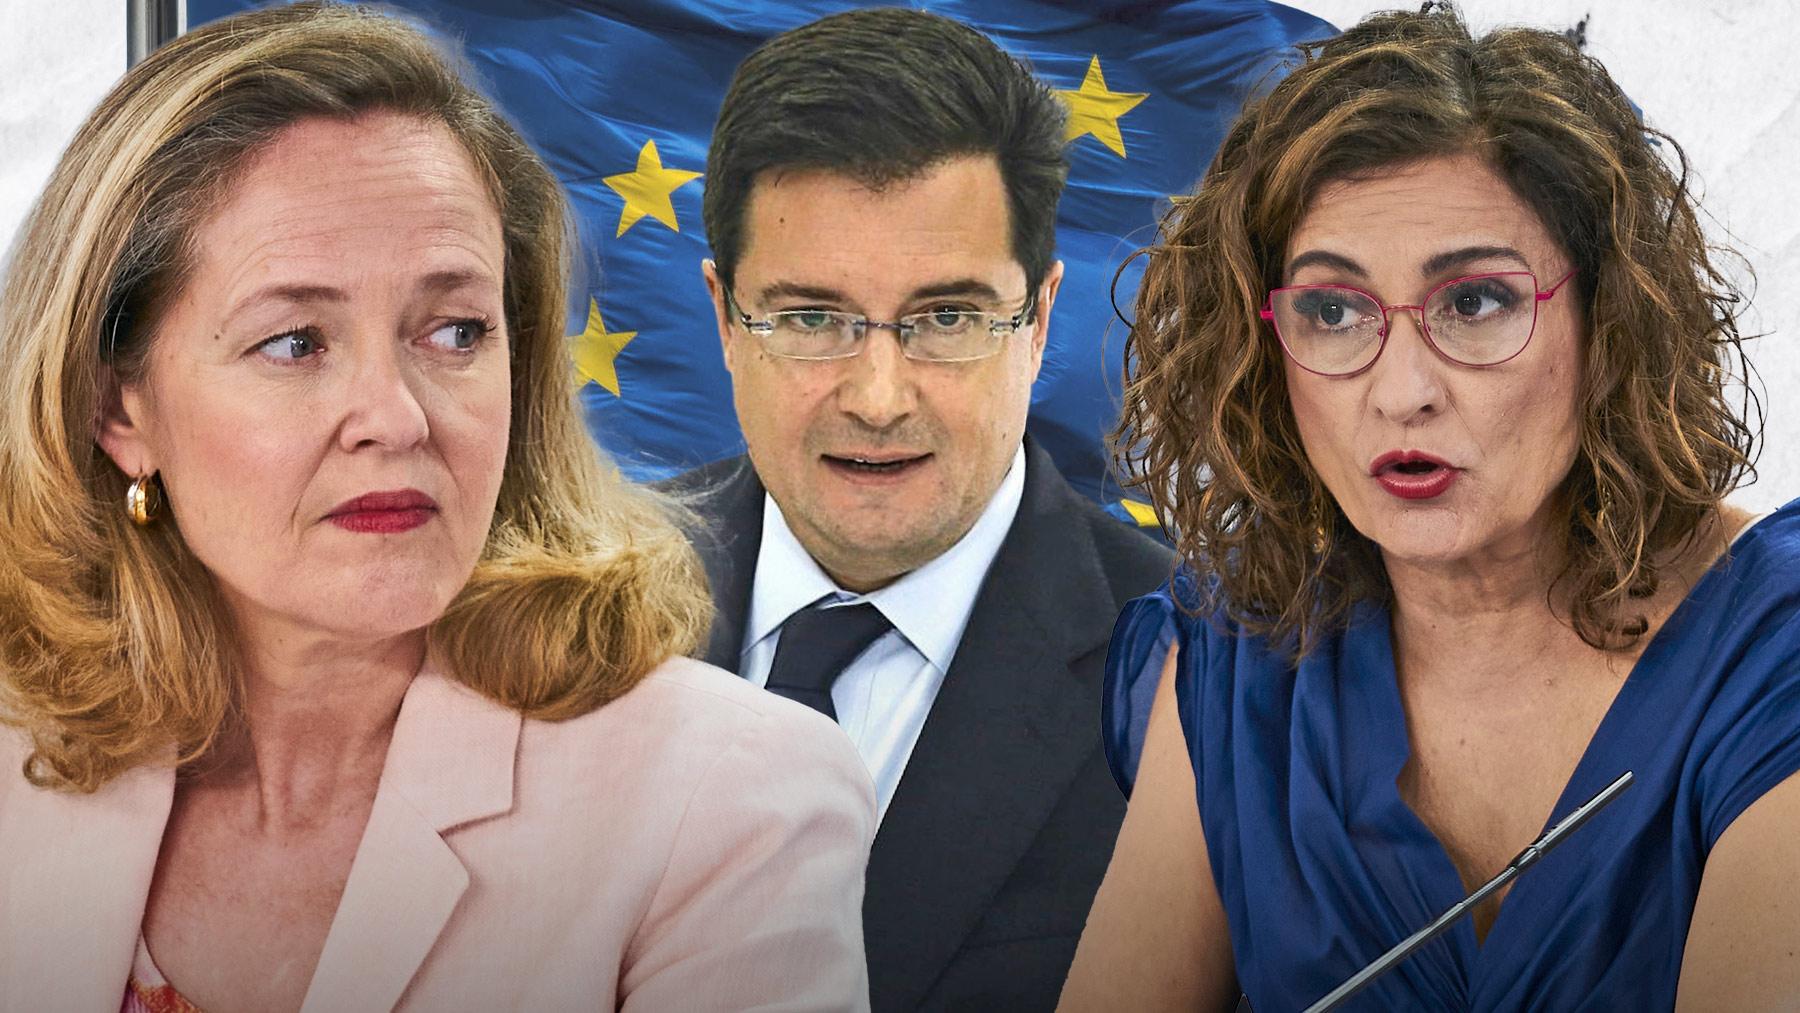 Nadia Calviño, Óscar López y María Jesús Montero.